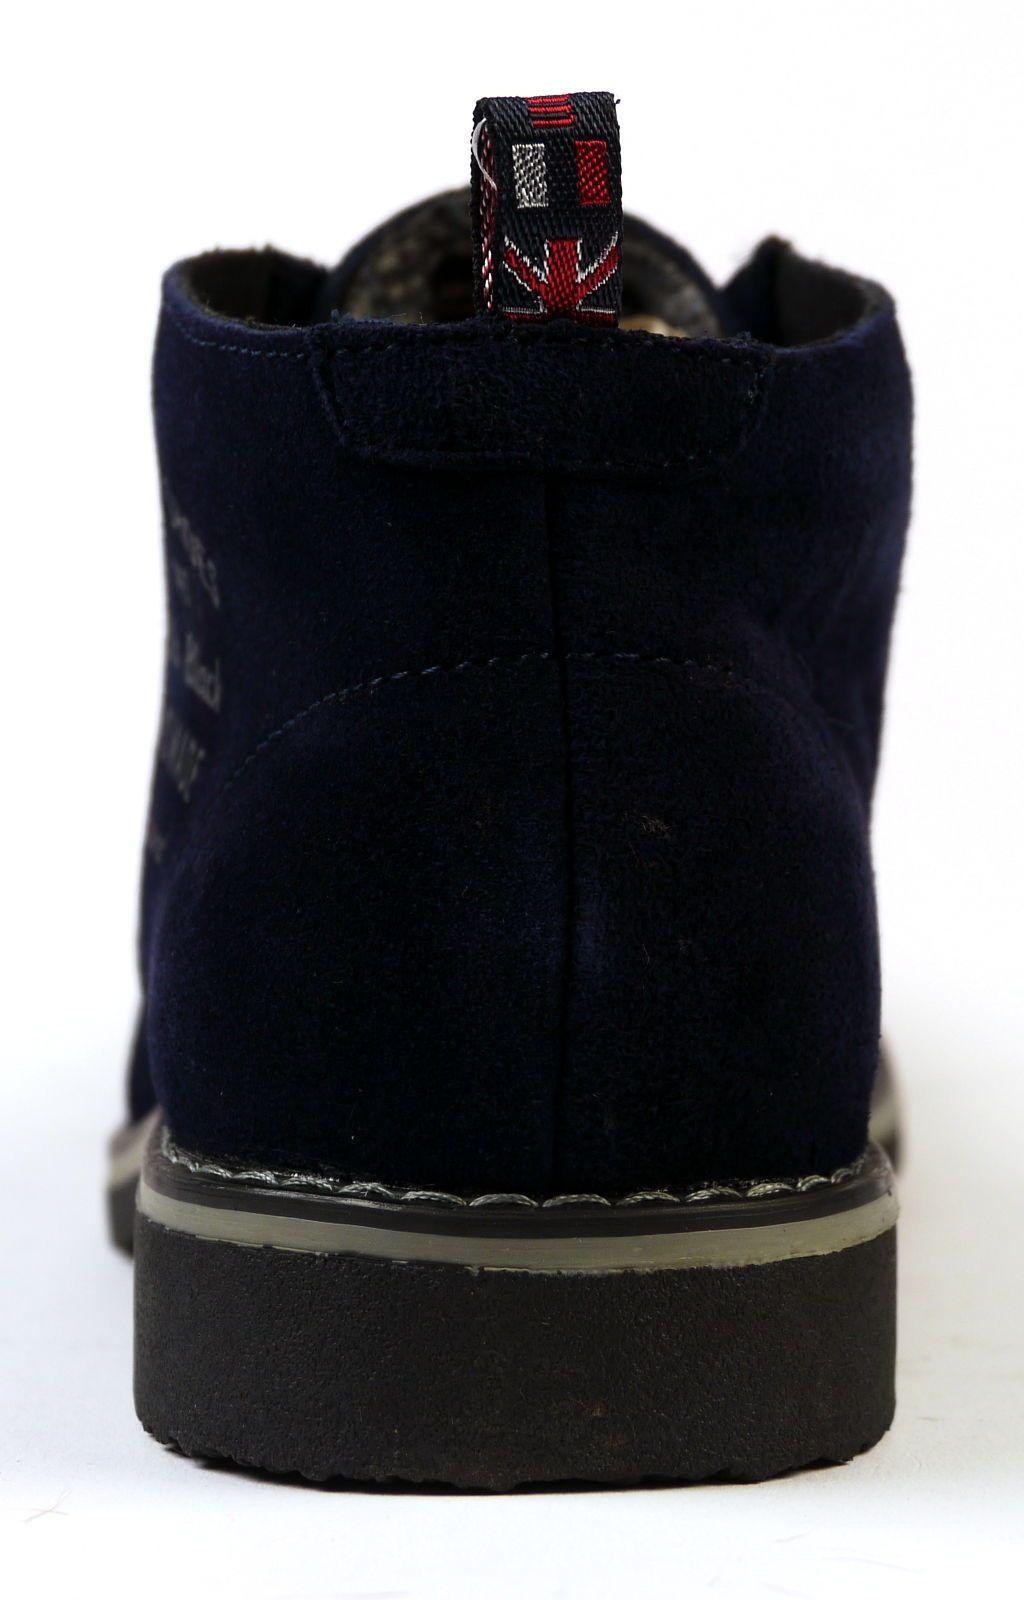 Pin von Horst Roosen auf Sportluxustreter | Boots, Shoes und